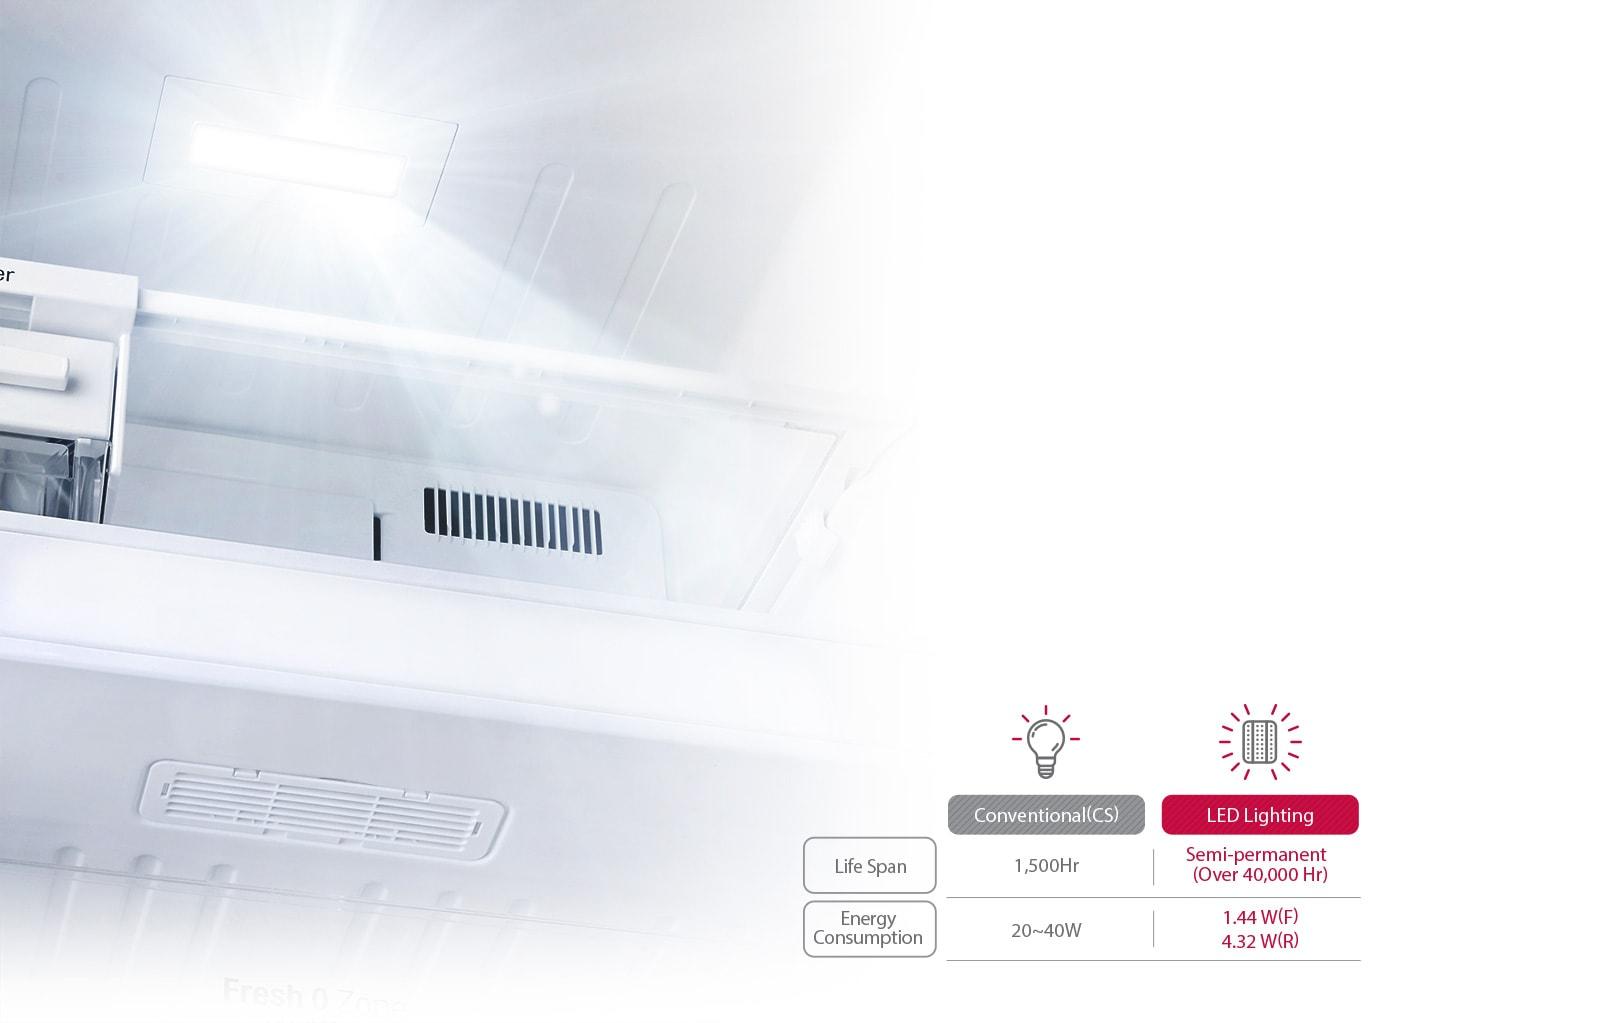 LG GN-H602HLHQ 516 Ltr LED lighting